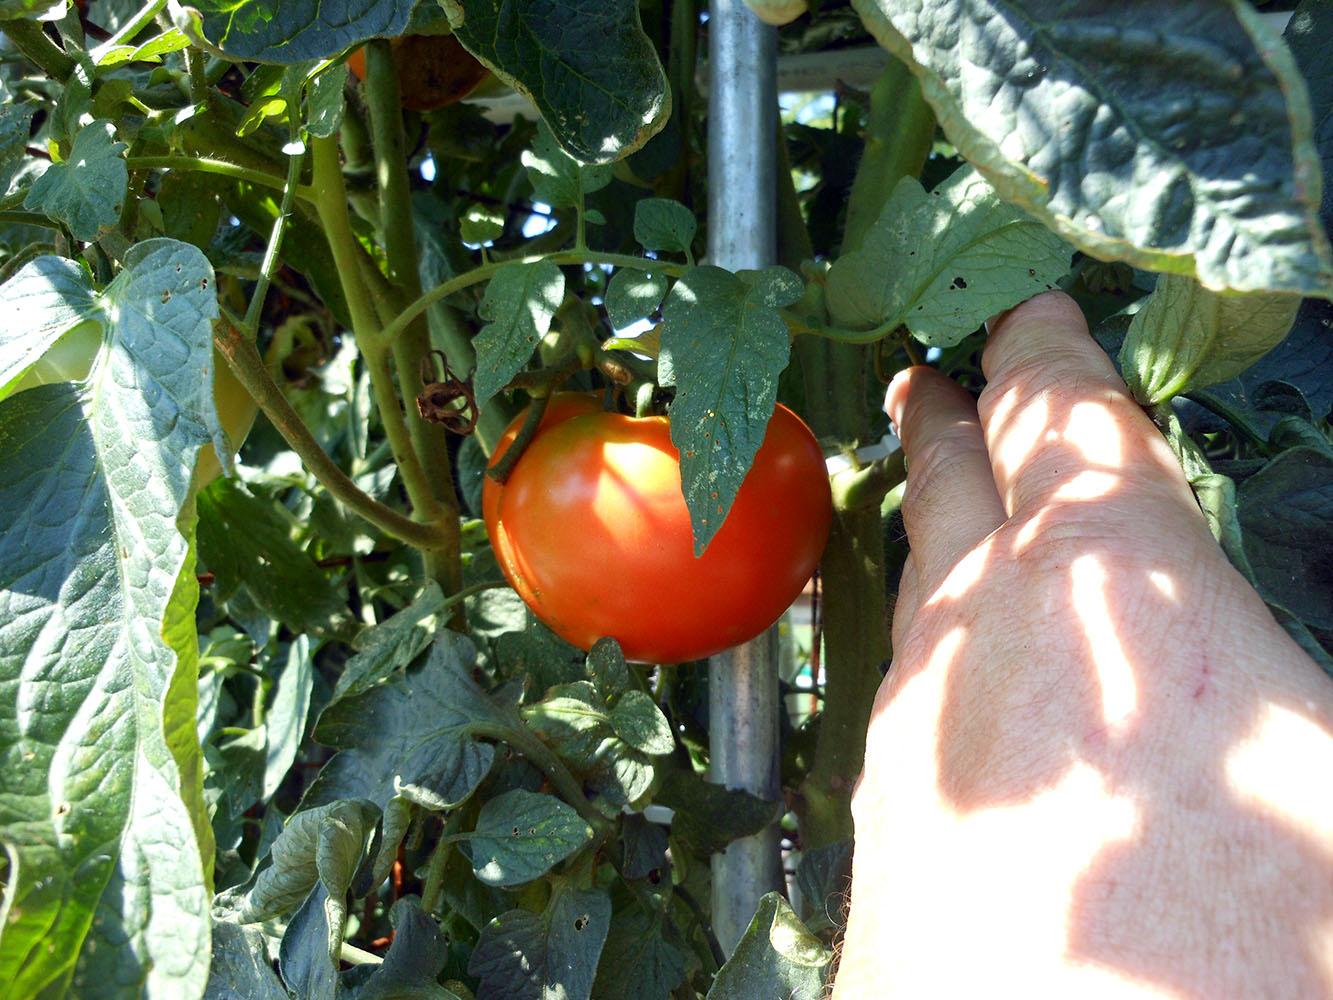 07-30-2016-Tomato-Plants-St-Pauls-S-08